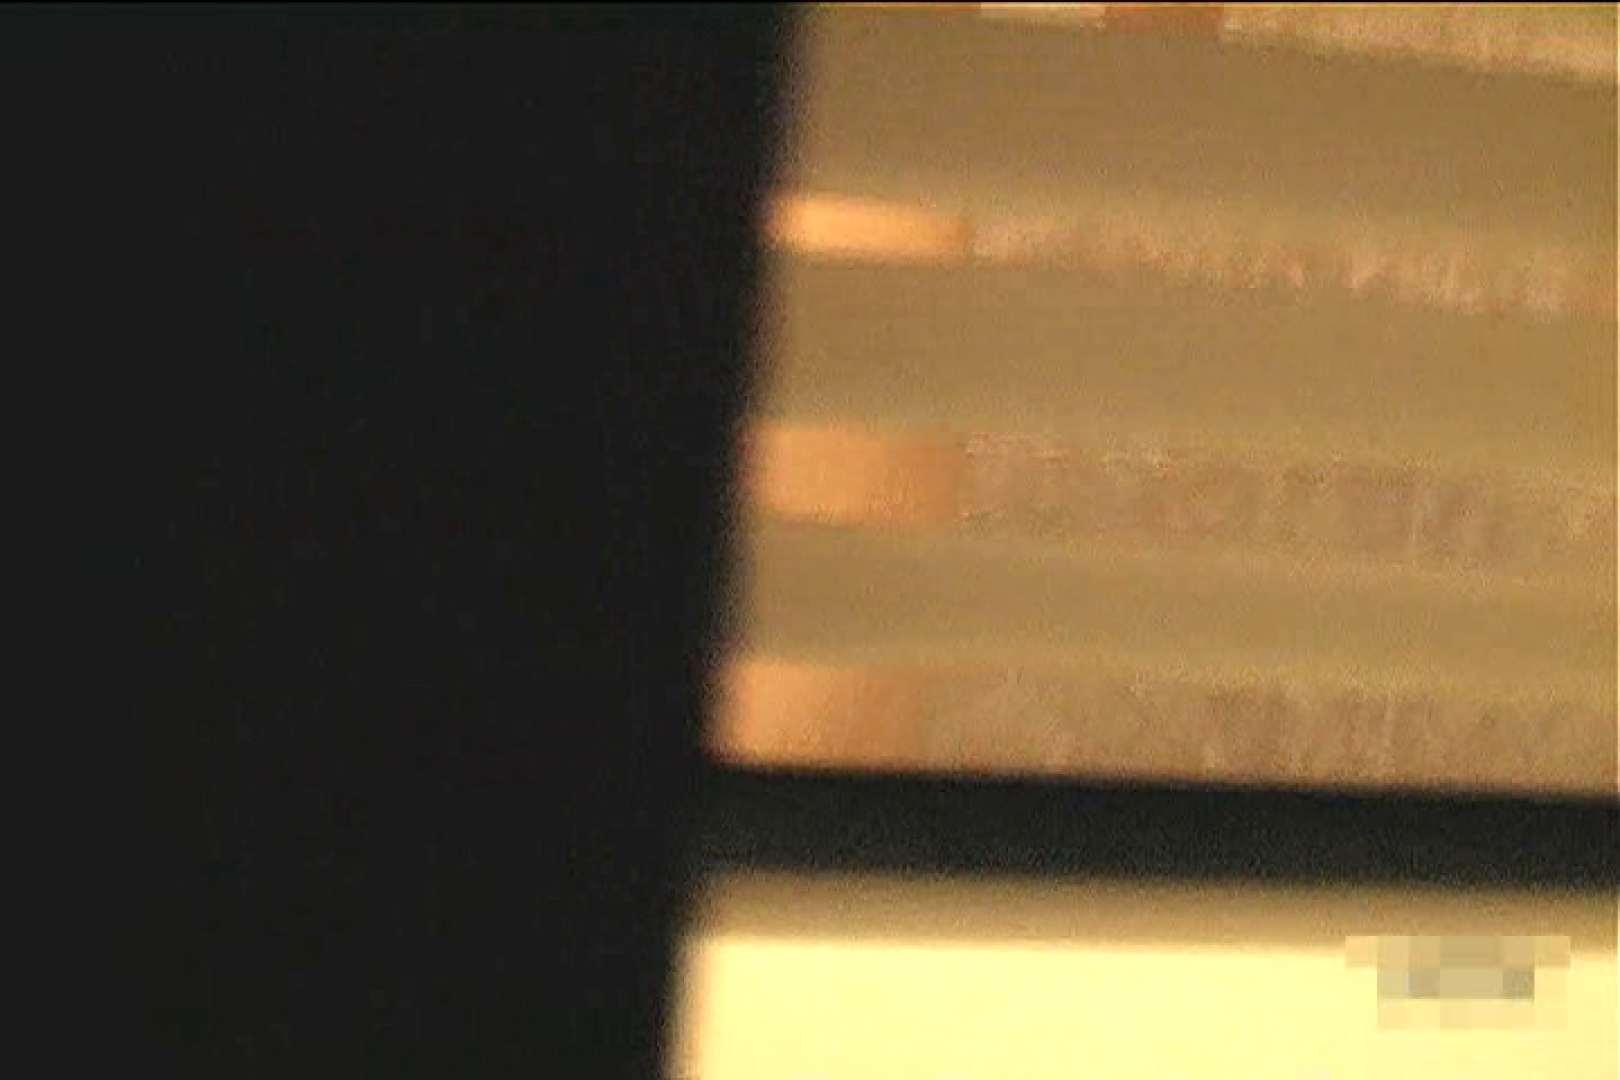 激撮ストーカー記録あなたのお宅拝見しますVol.10 独占盗撮 AV動画キャプチャ 21連発 2